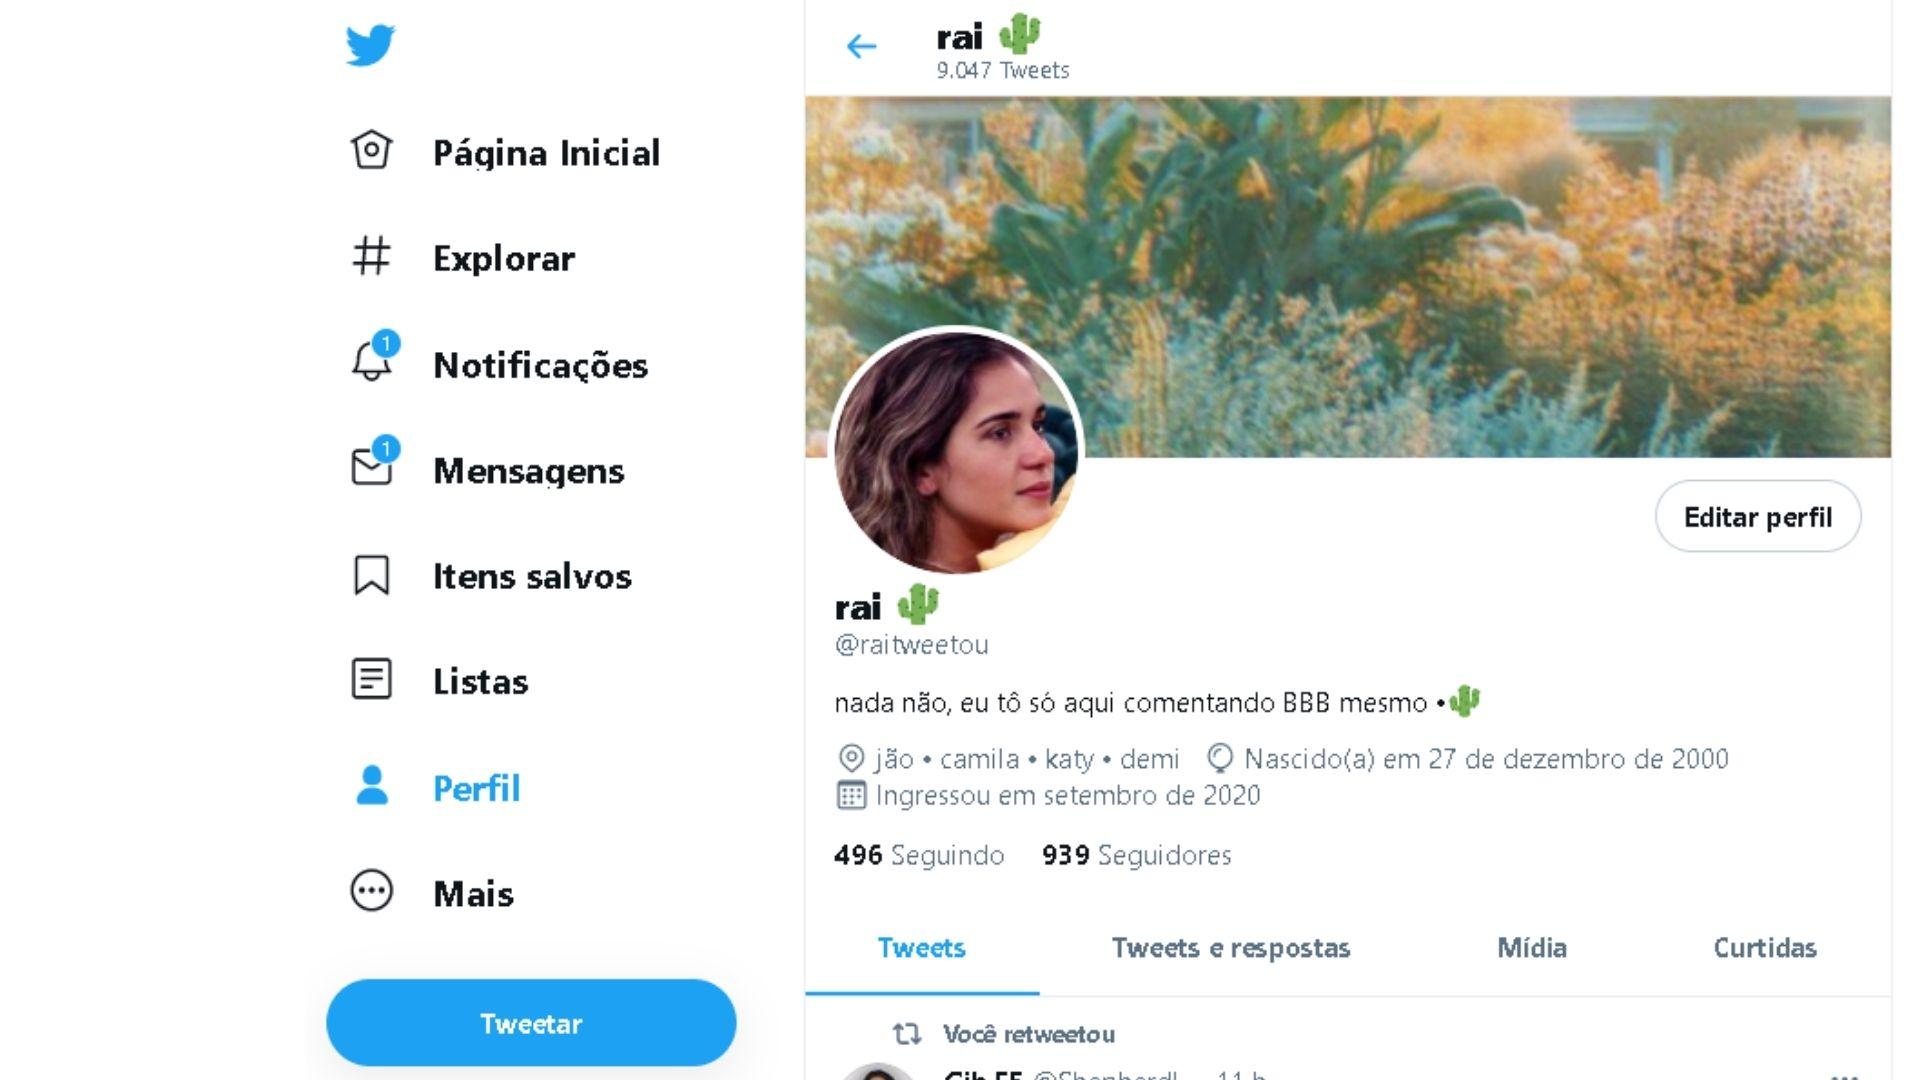 Depois de alterar a capa para Twitter, ela vai refletir em seu perfil (Foto: Arte / Zoom)